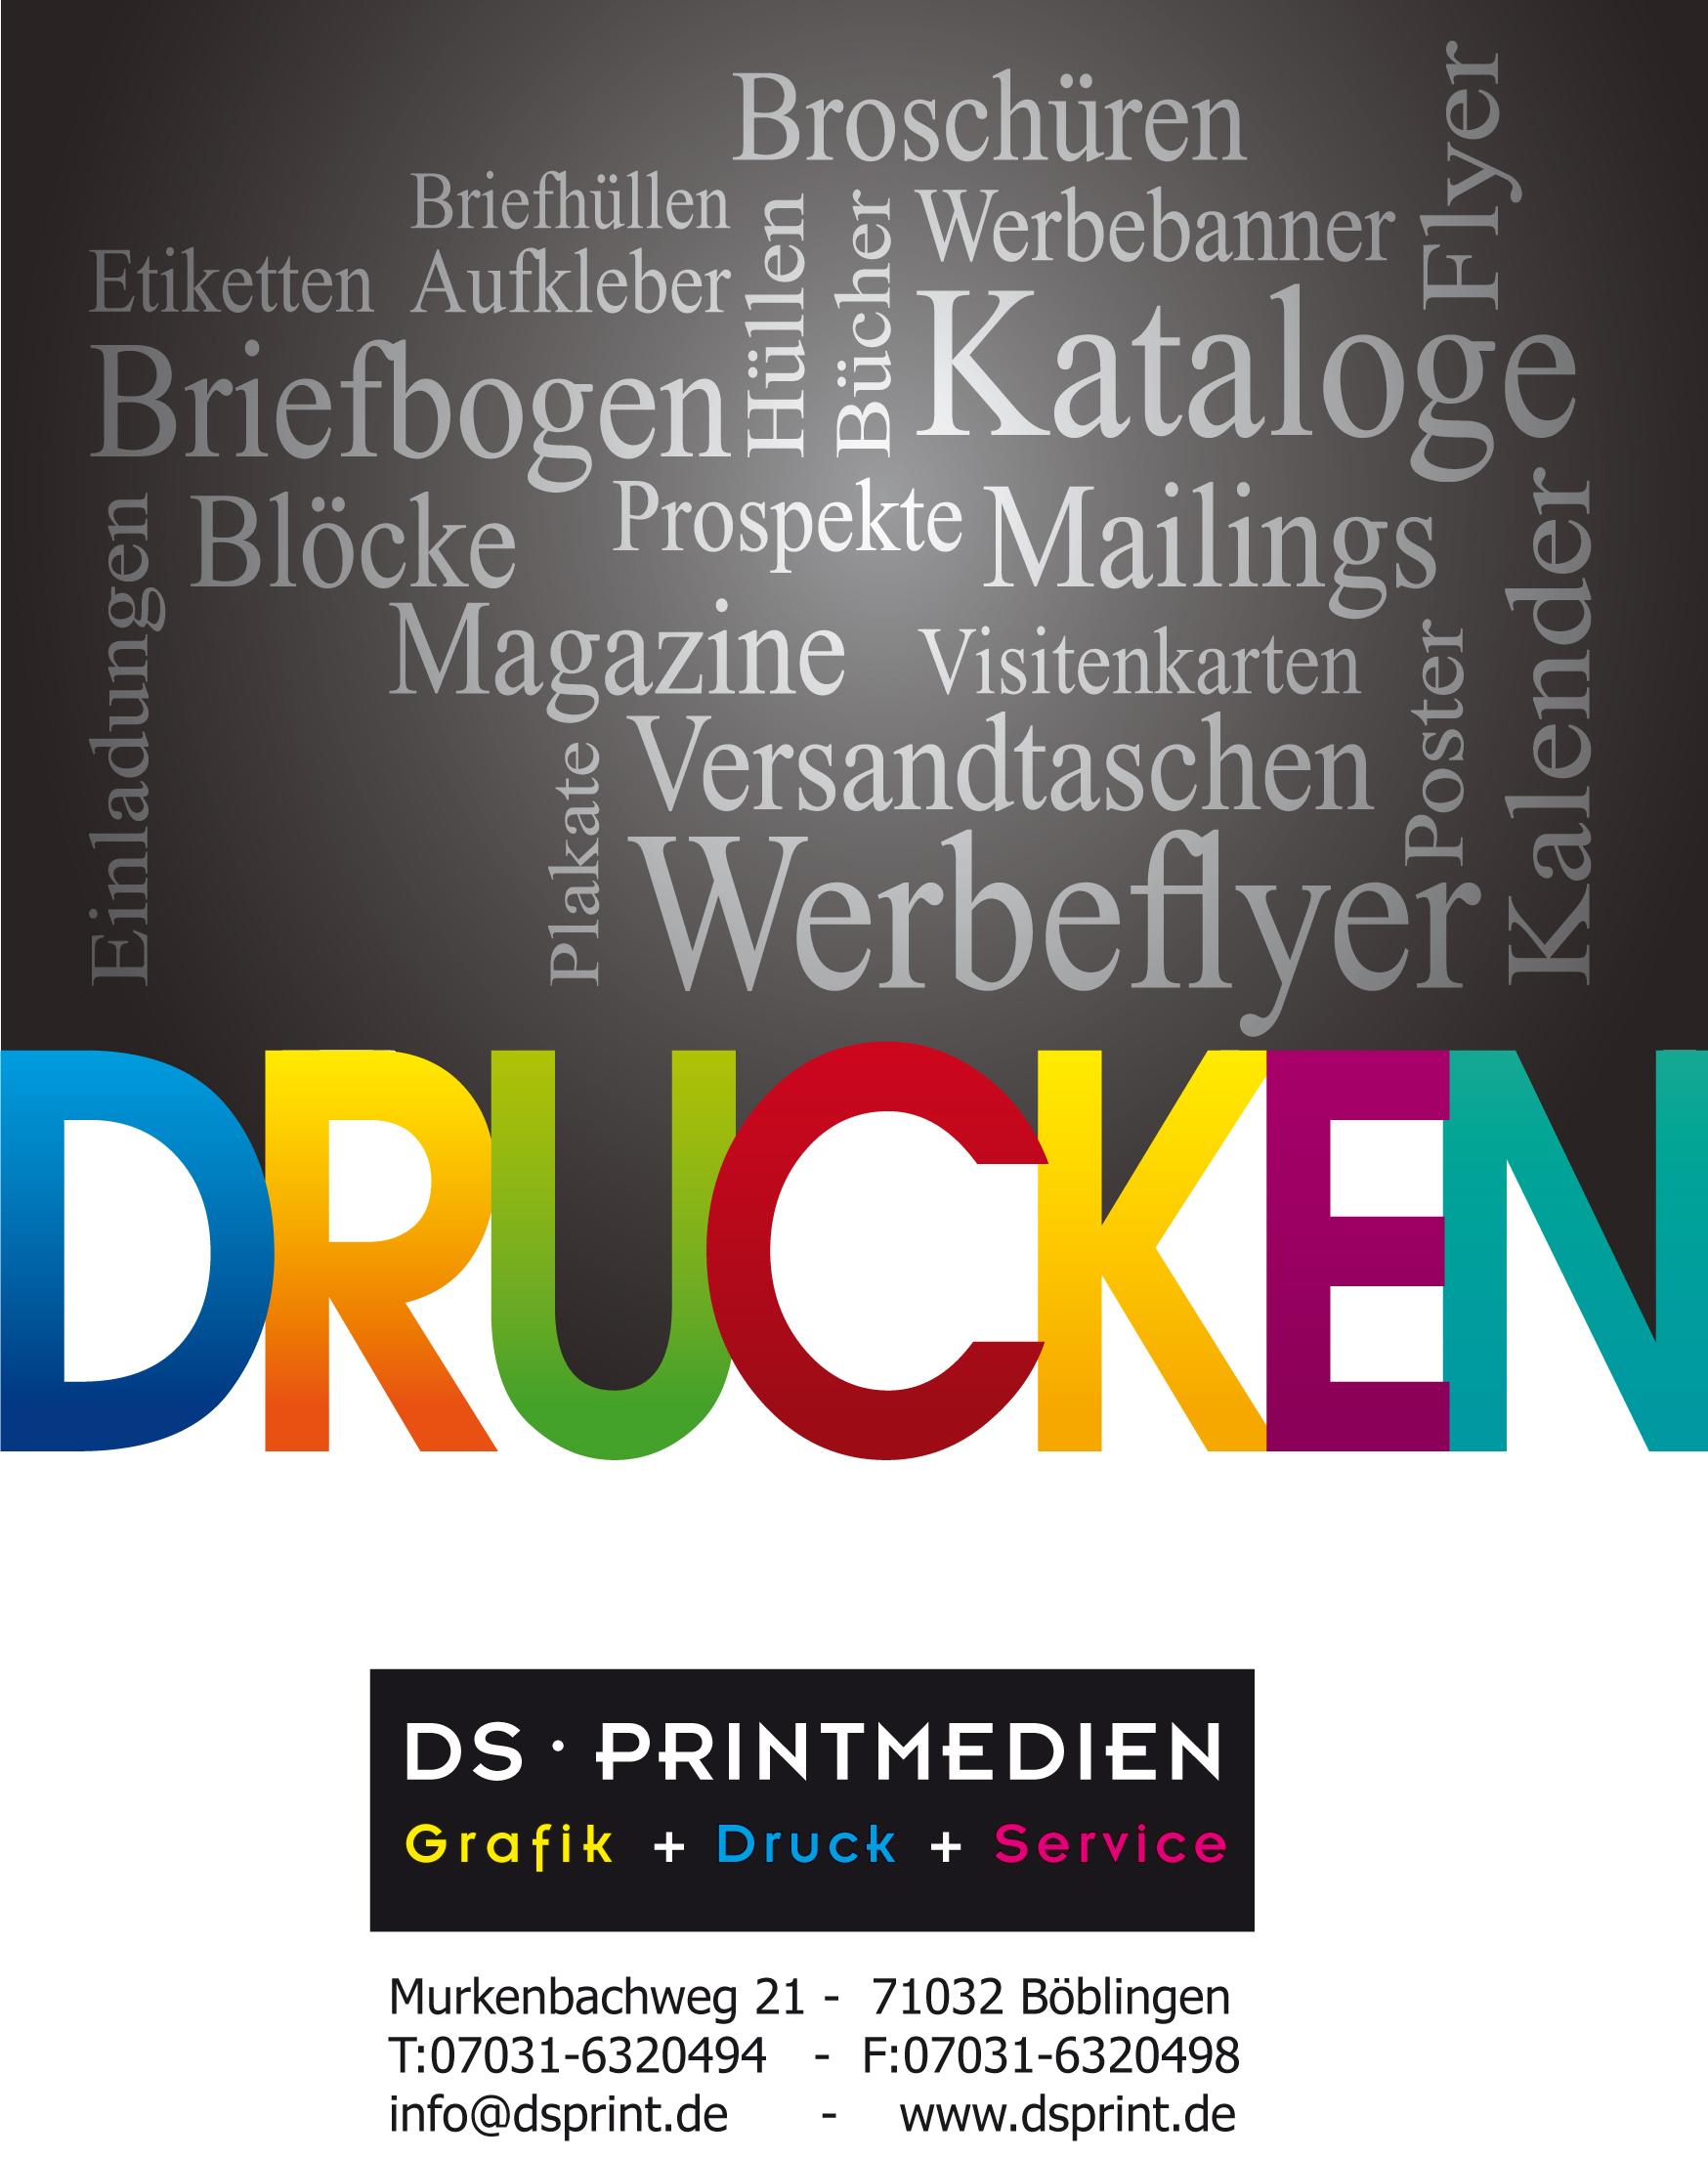 Druckerei Ds Printmedien Produkte